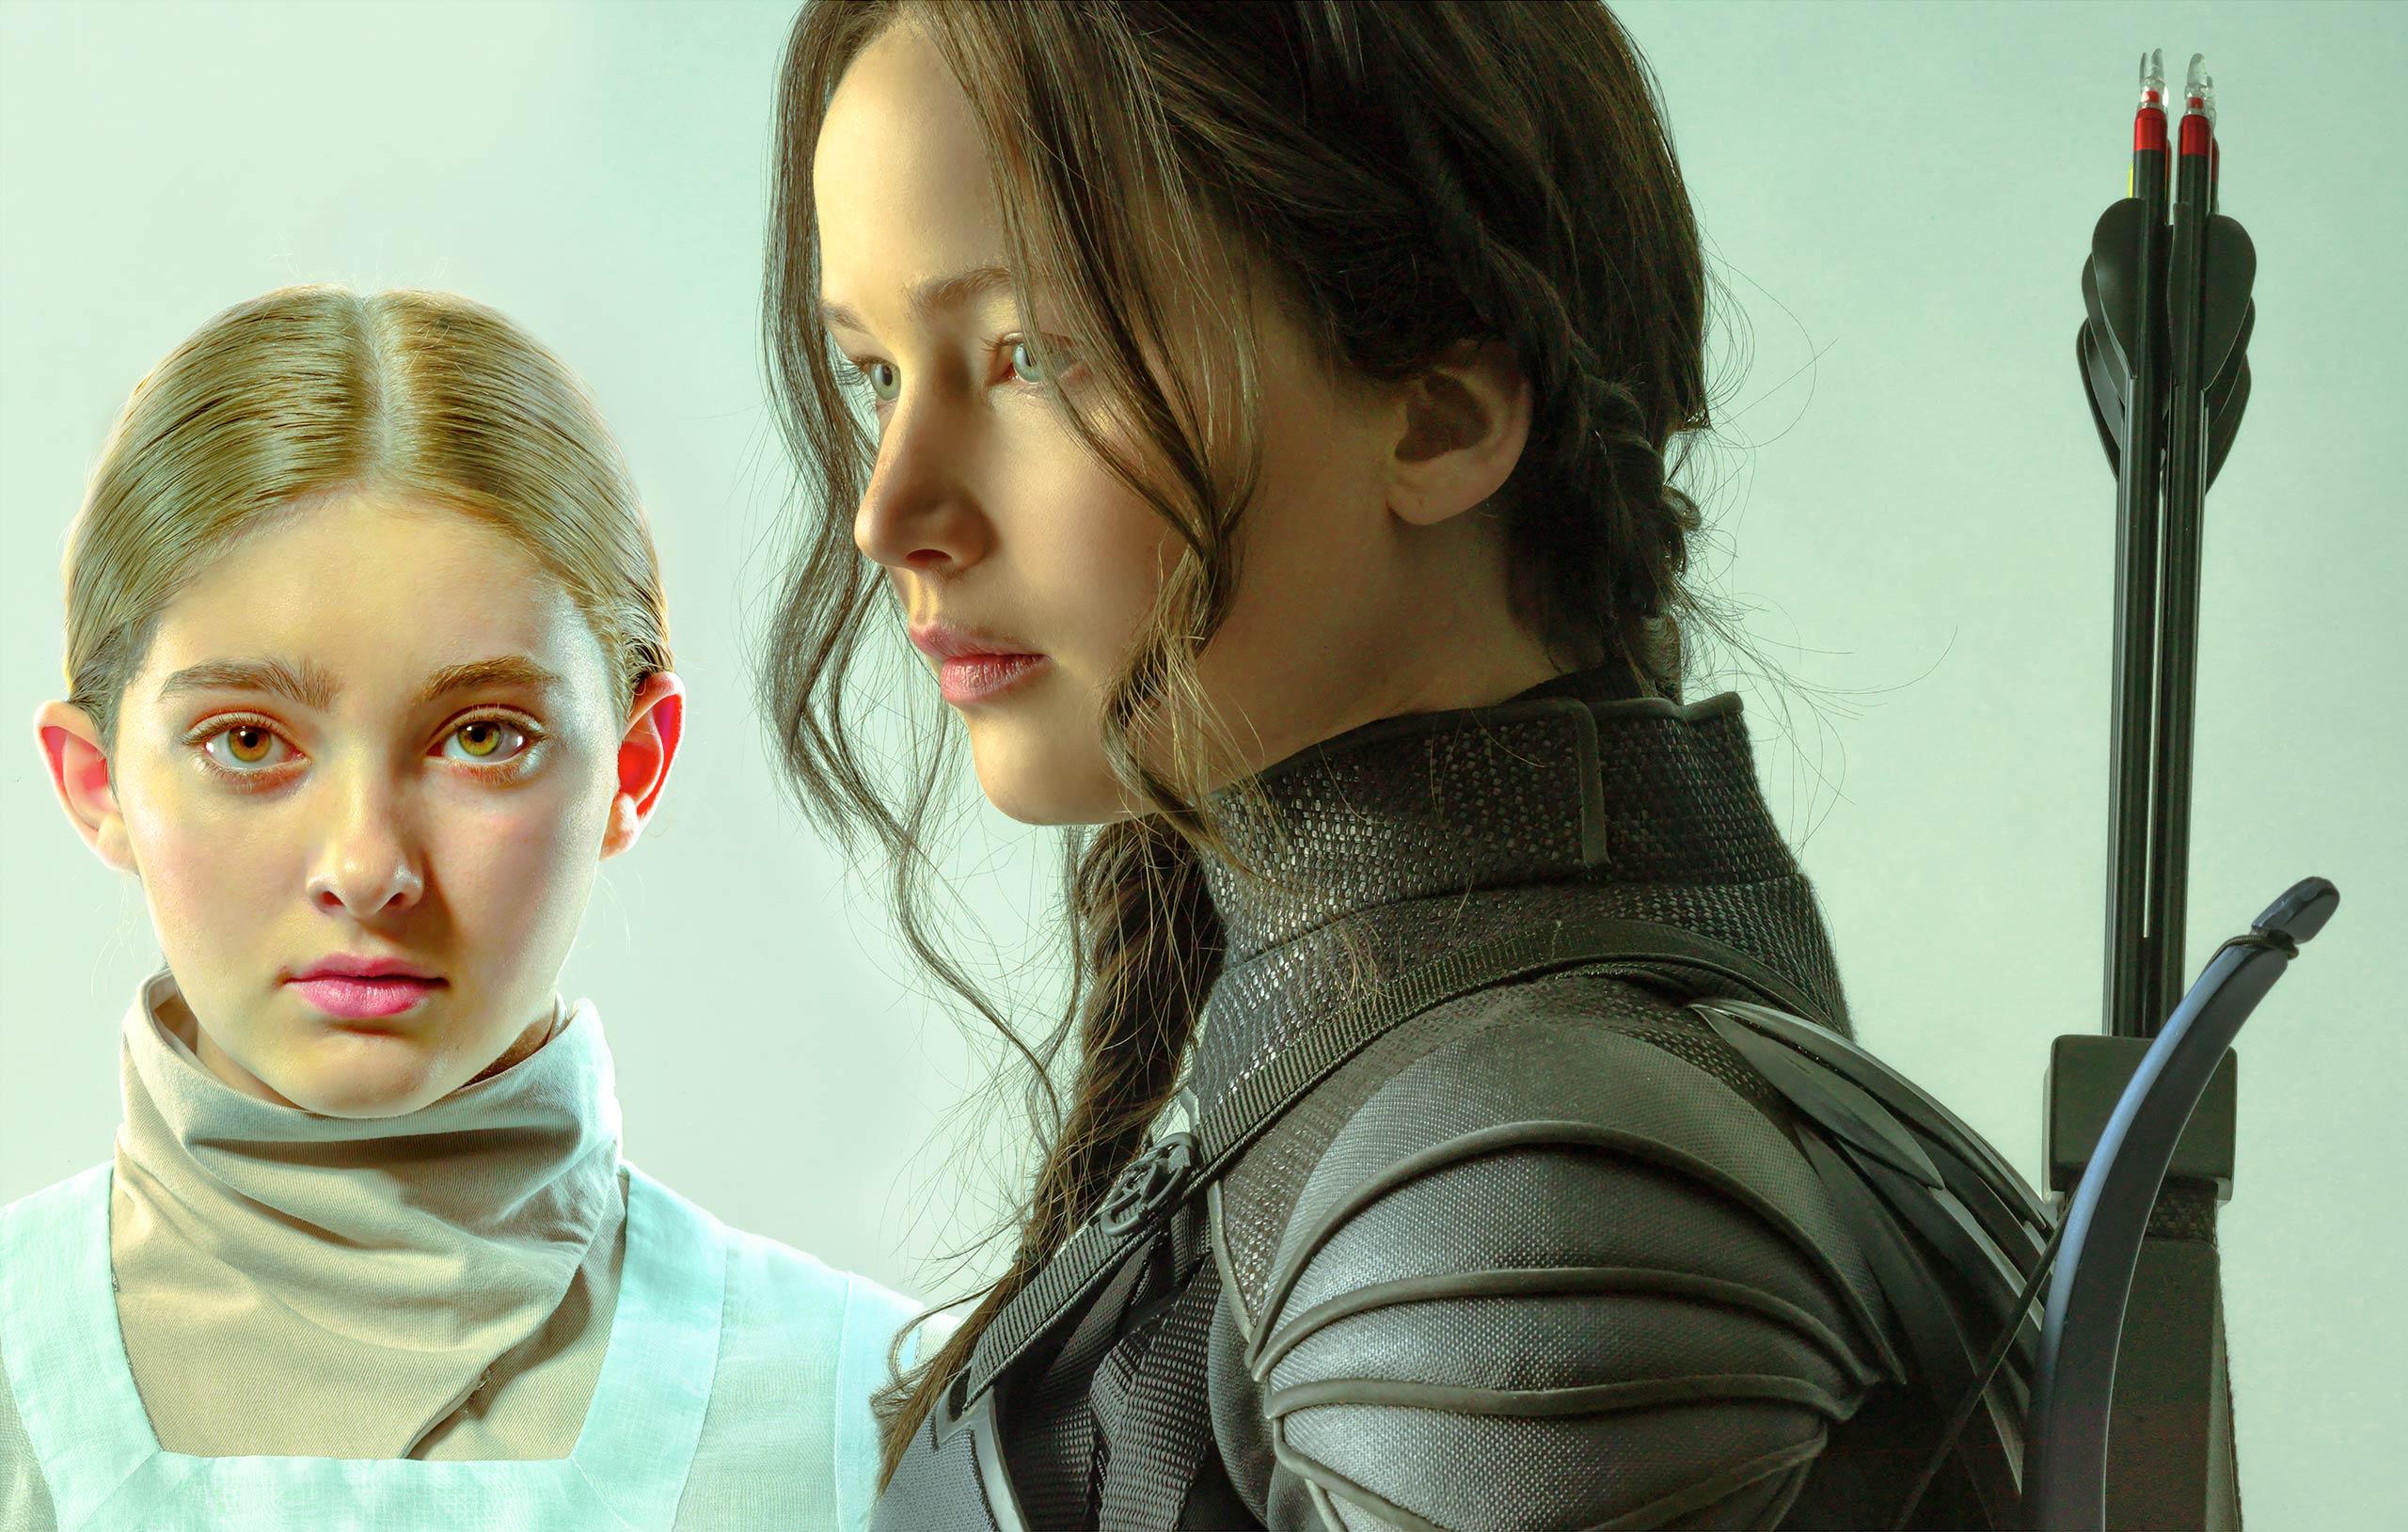 Willow Shields as Primrose Everdeen and Jennifer Lawrence as Katniss Everdeen